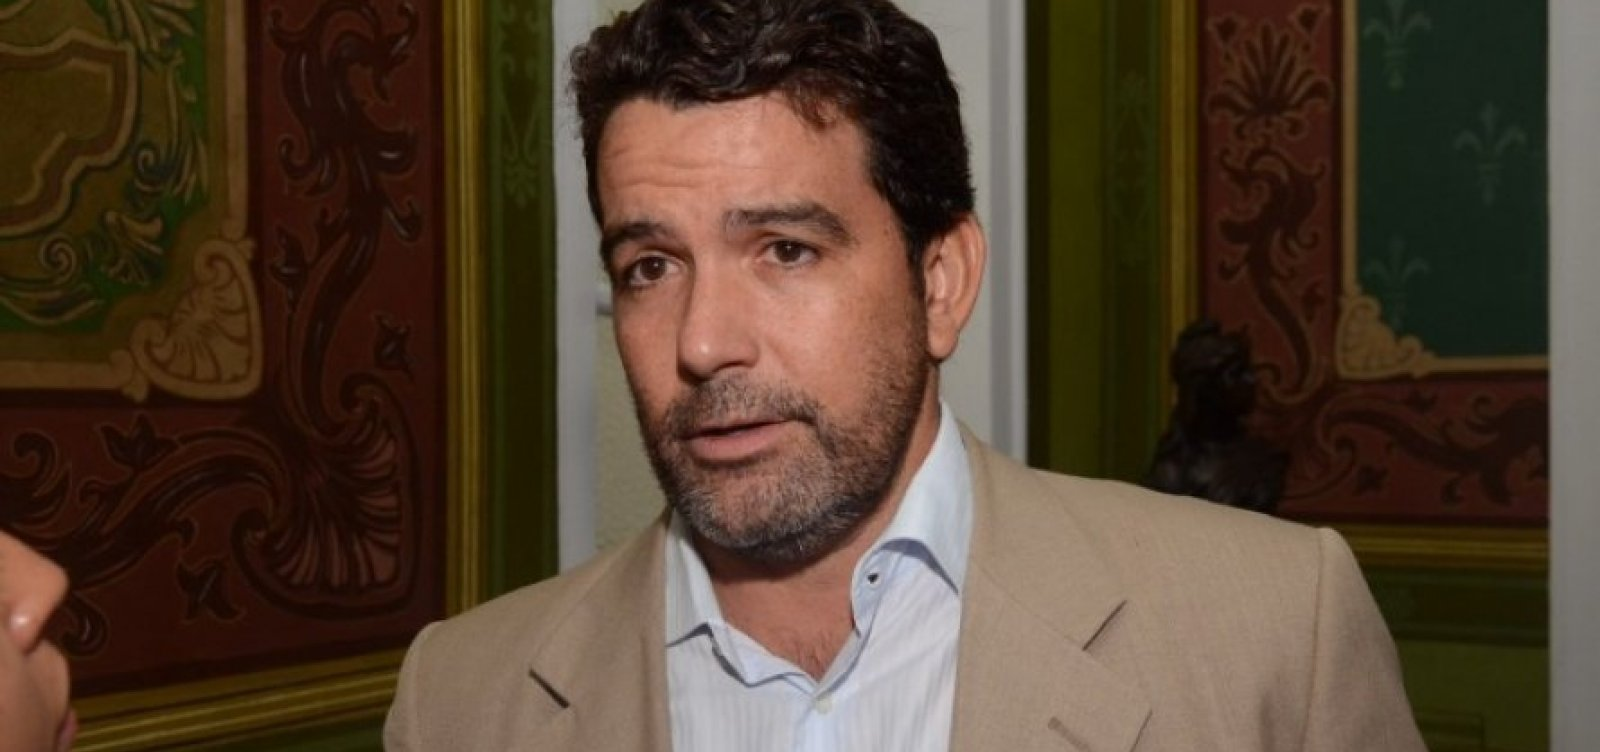 [Paulo Magalhães diz que visita de Rui foi uma 'cortesia' e que apresentação foi esclarecedora]